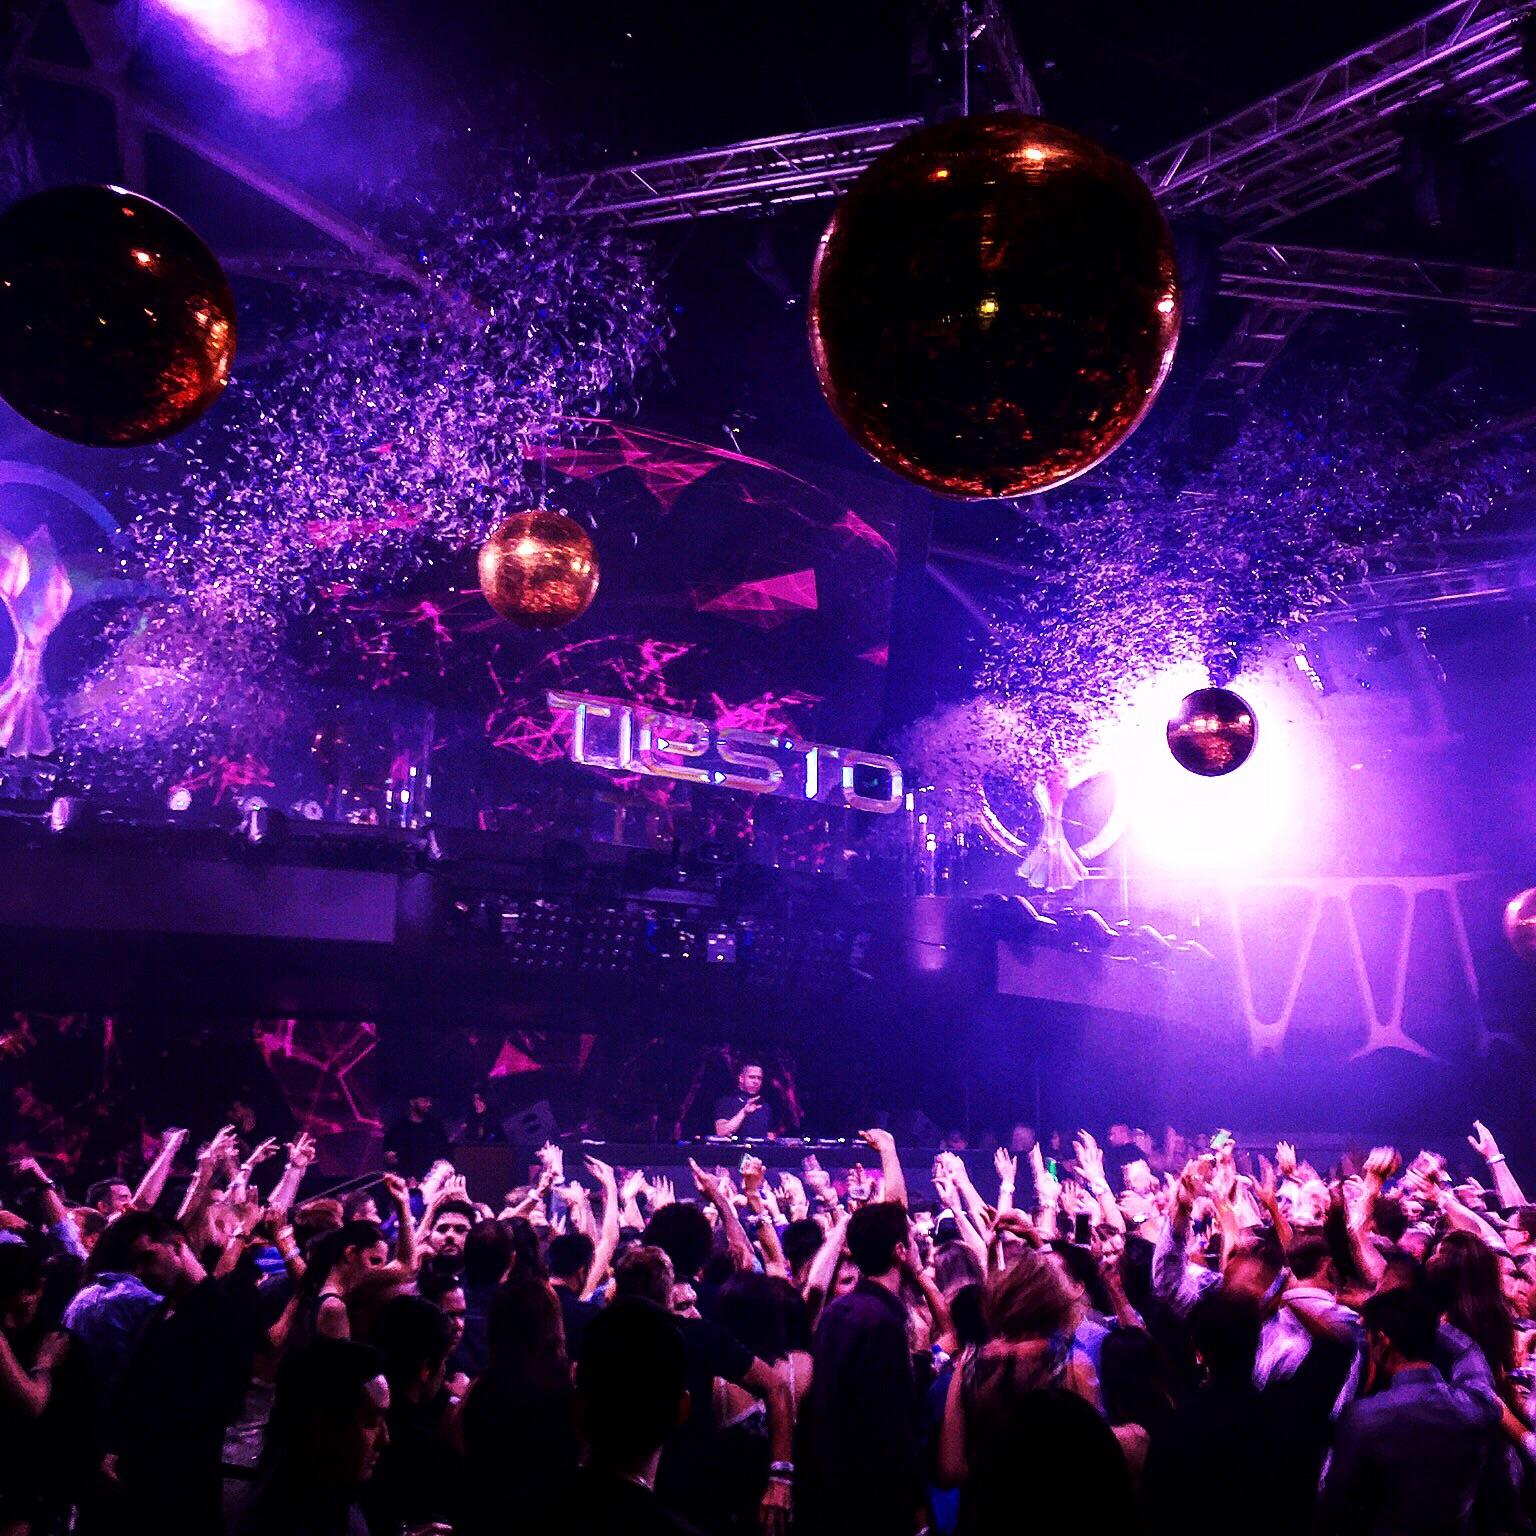 Tiesto @ Hakkasan Night Club, Las Vegas. Photo by Kellee Liverani